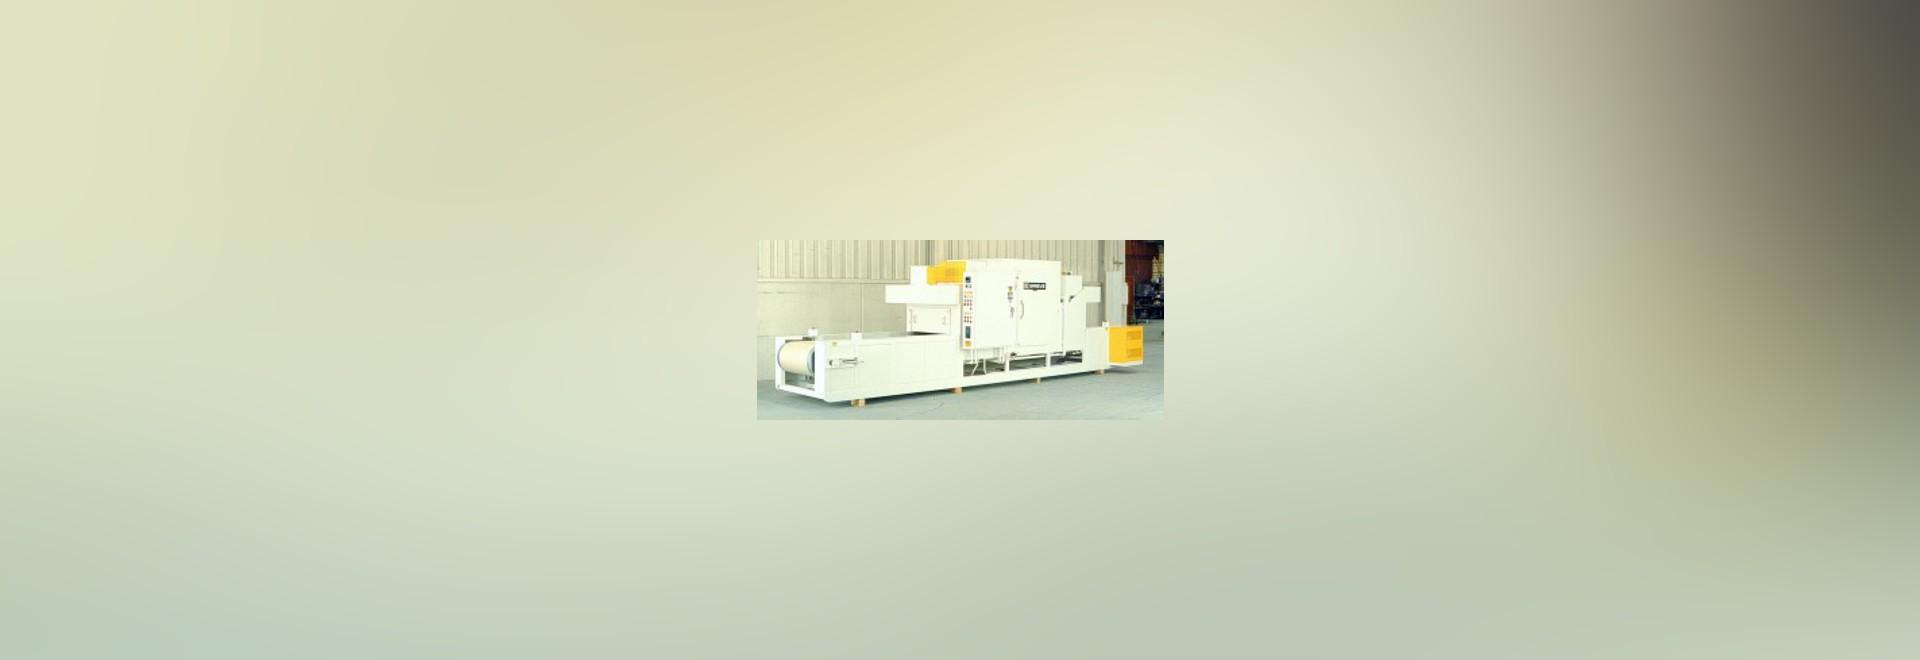 Belt conveyor preheating oven